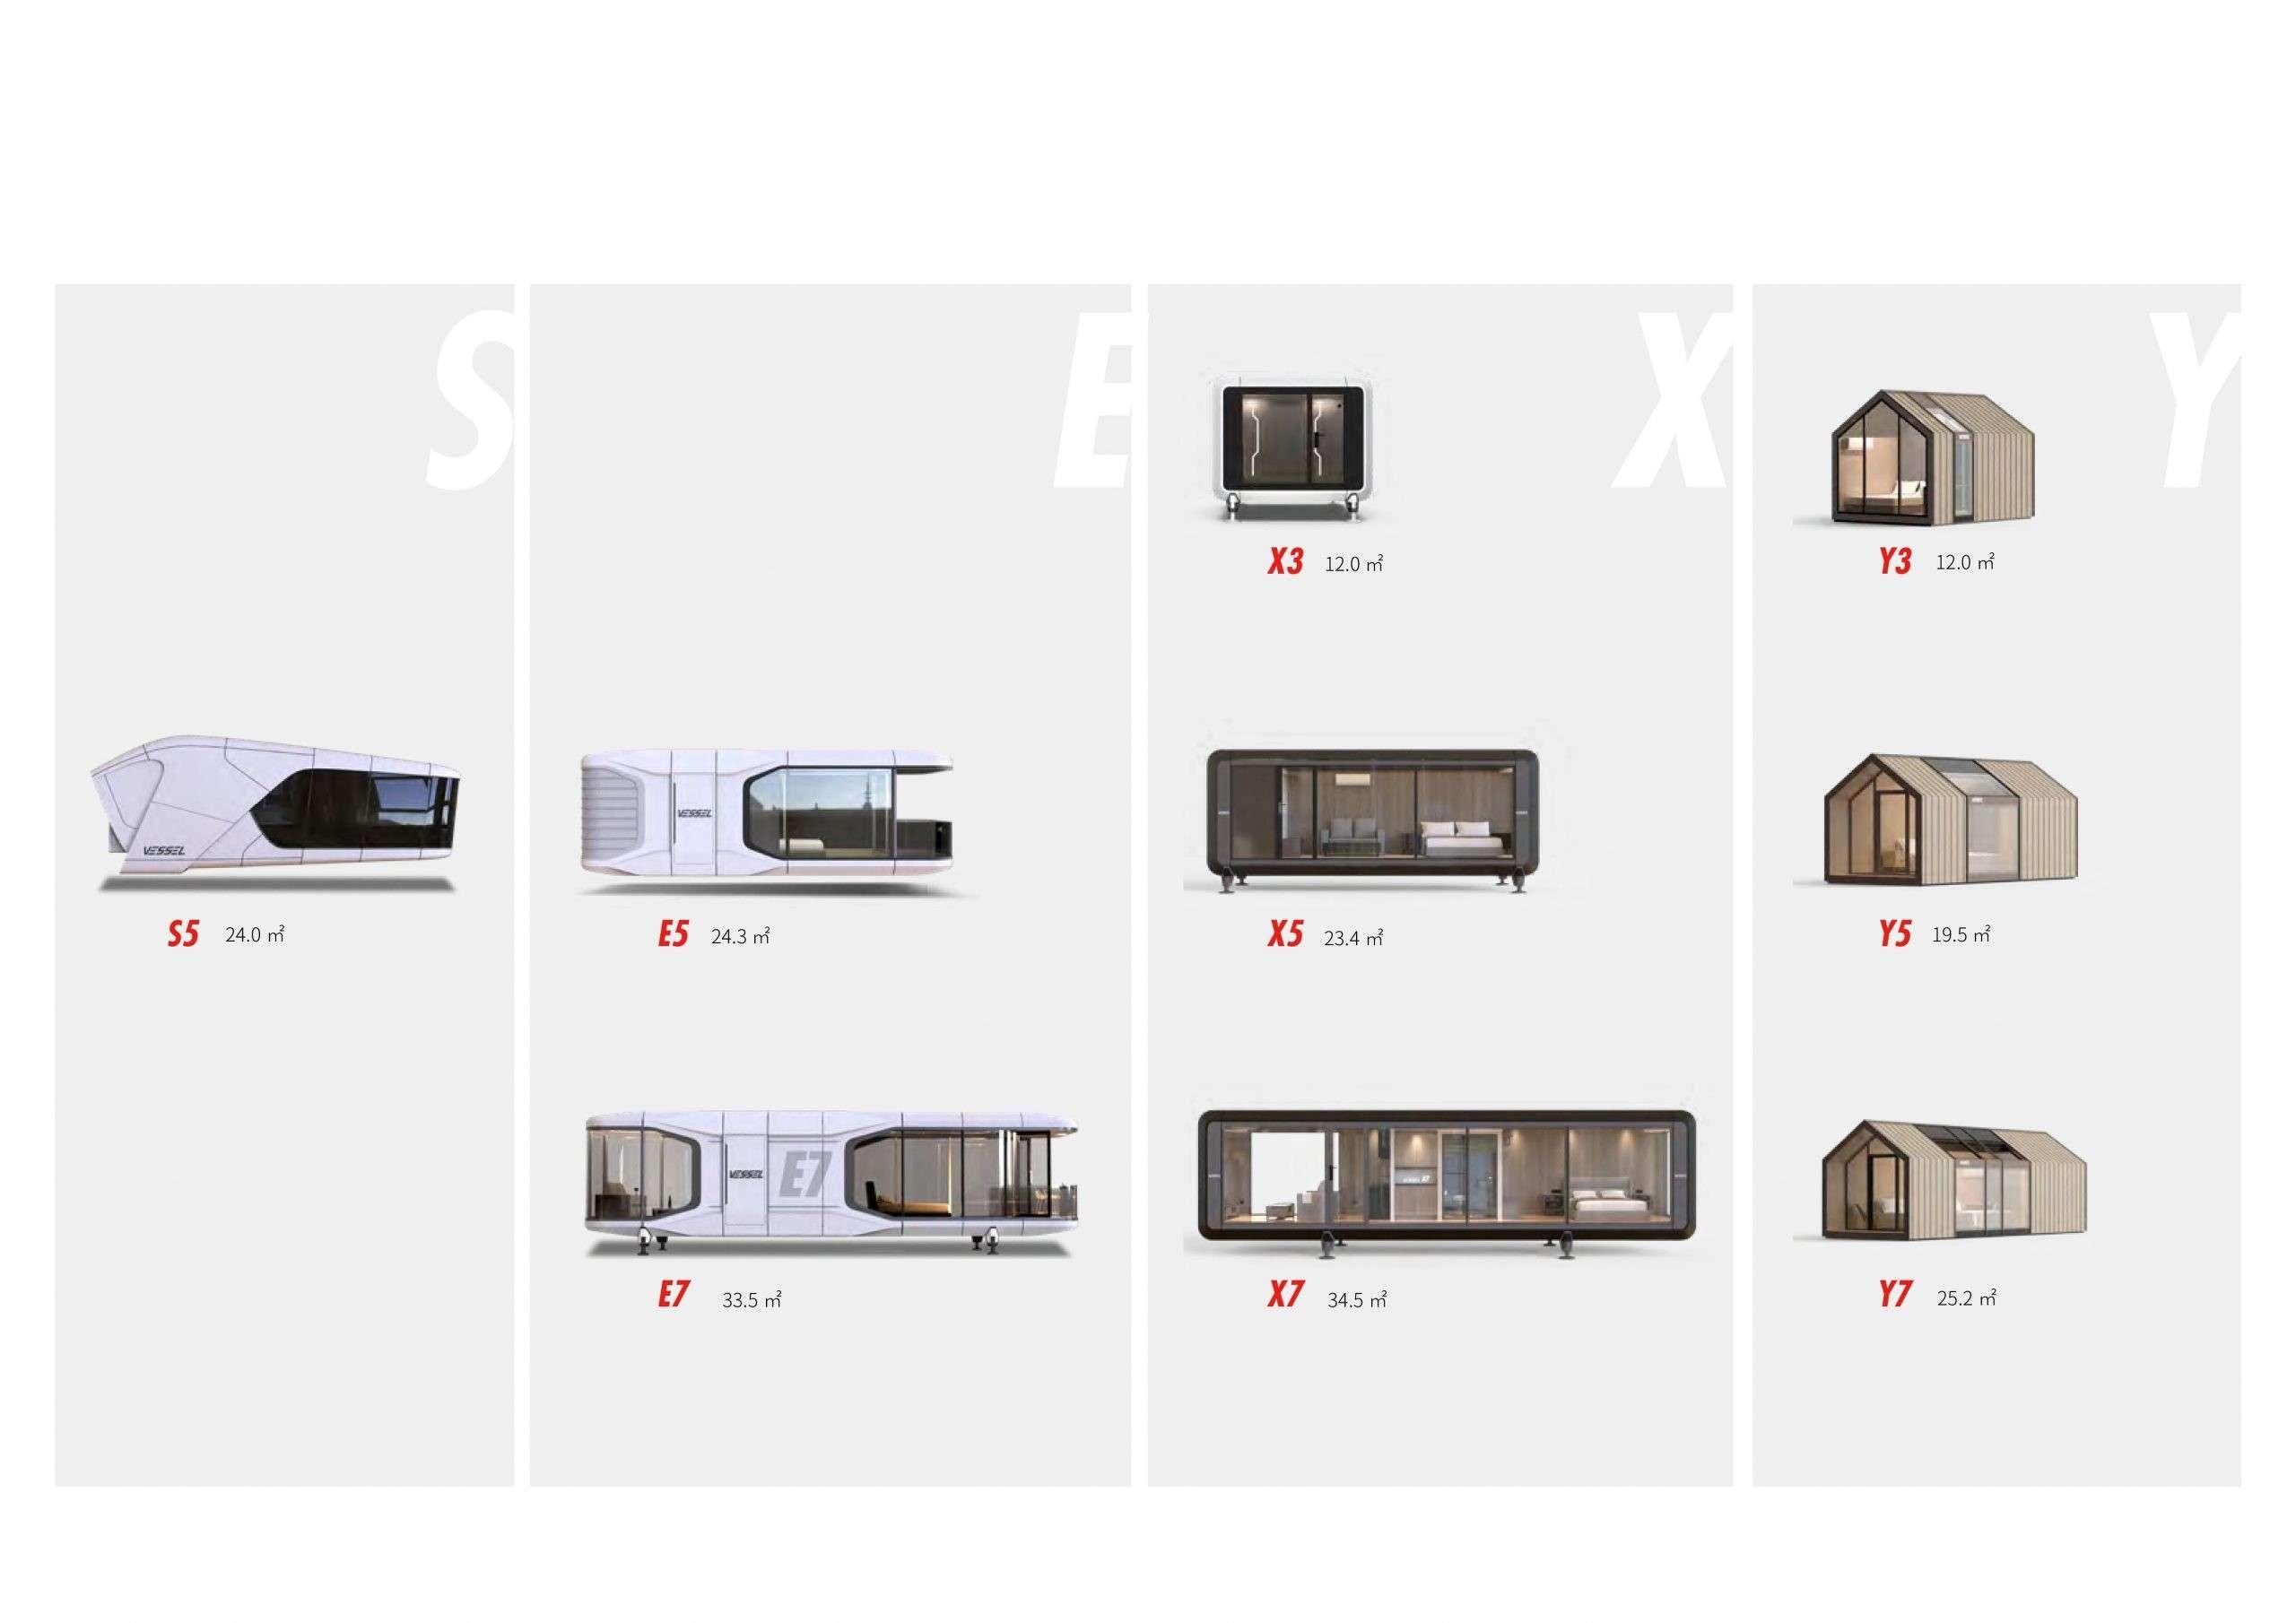 modèles maisons design